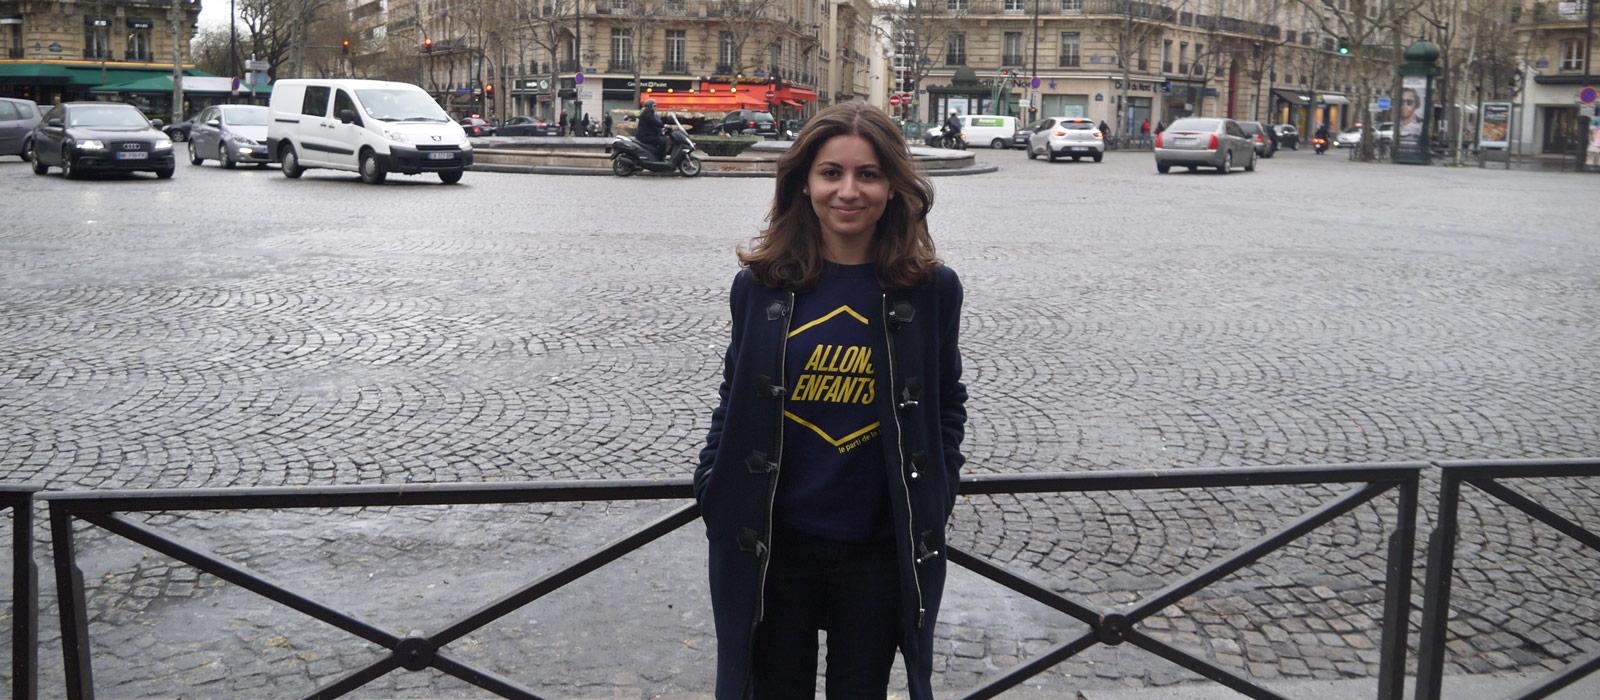 Morane, l'étudiante derrière la pétition en faveur du centre pour SDF du 16e